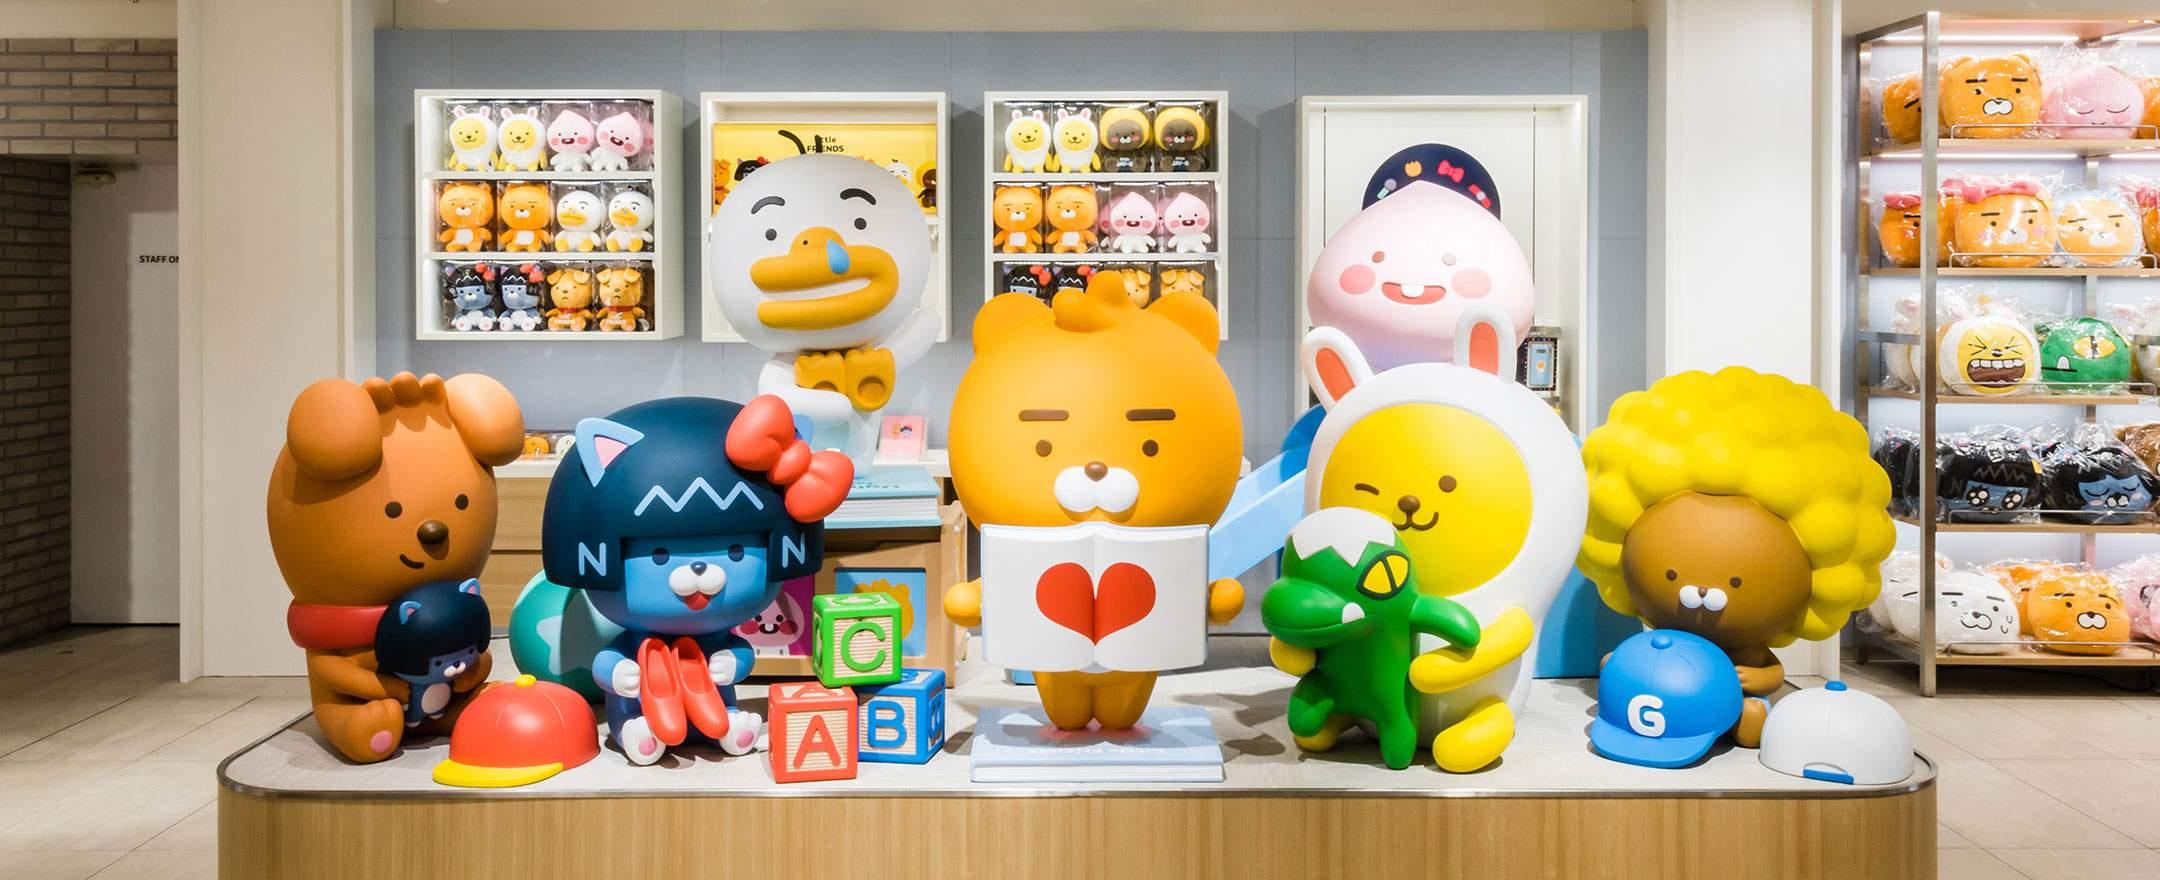 預計10月19日將在Kakao Friends江南旗艦店3樓正式販售,現場還可以看到其他特殊商品喔~~快來朝聖吧!